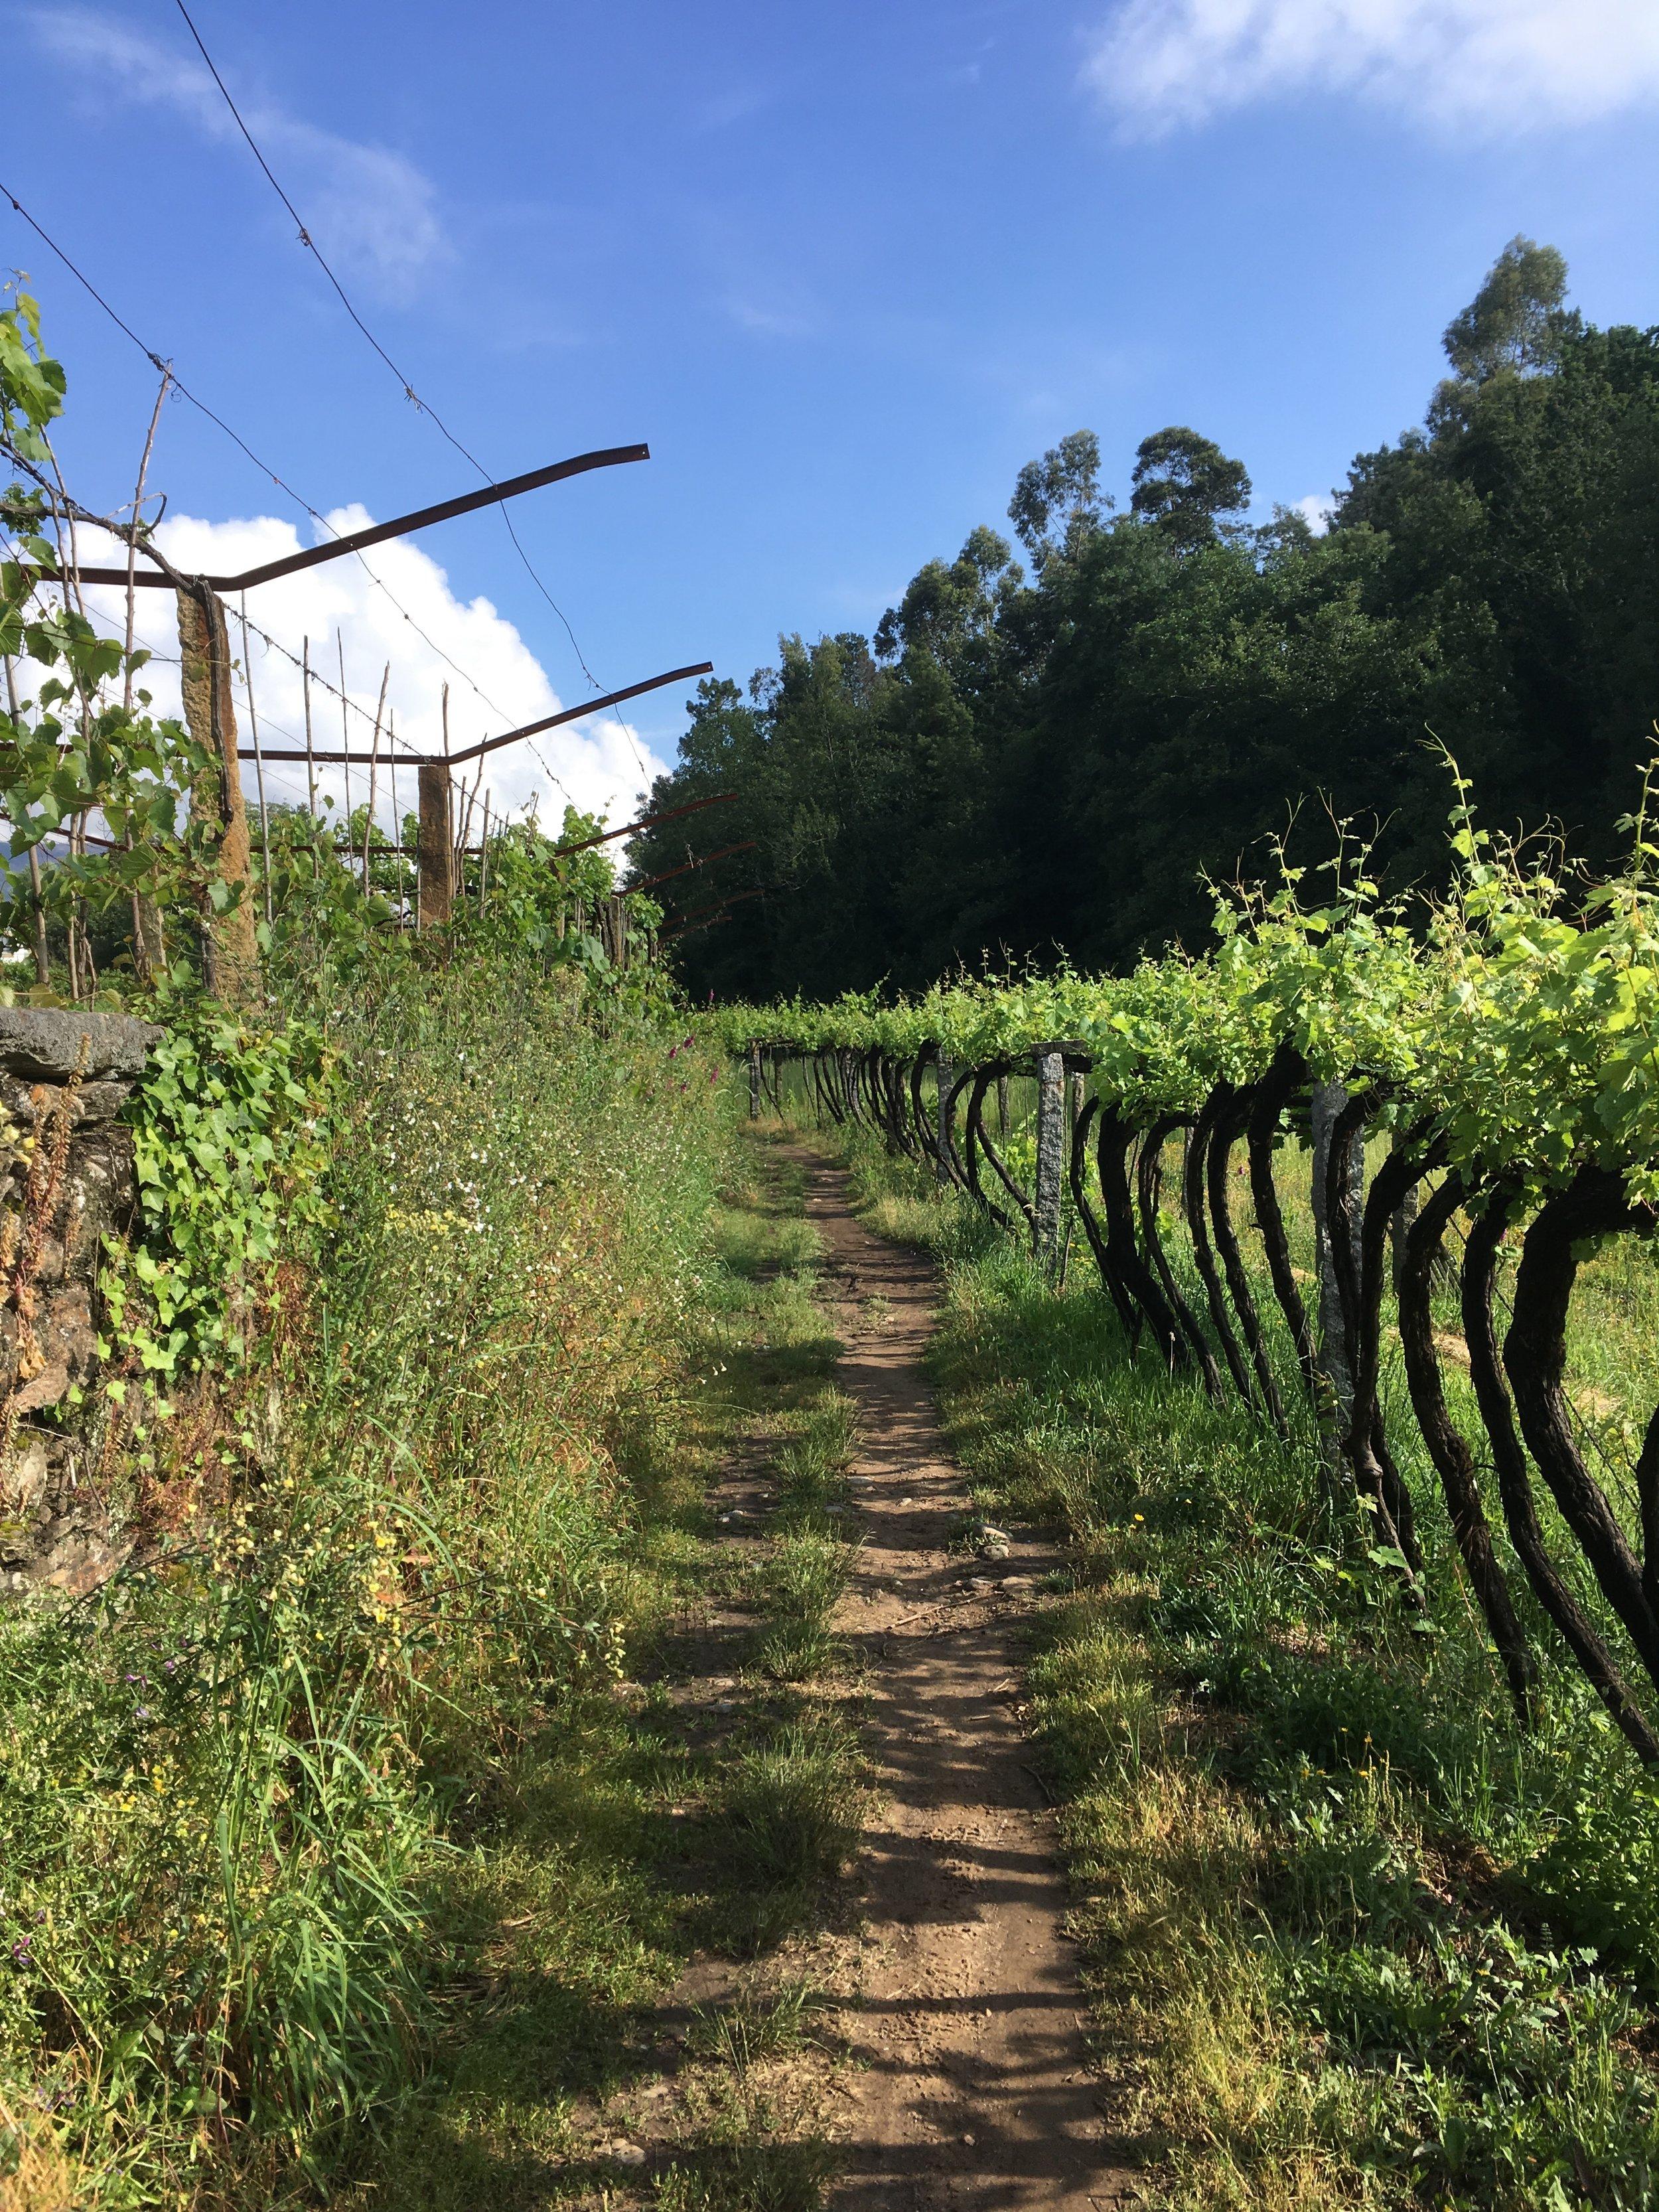 Vineyards everywhere we looked!